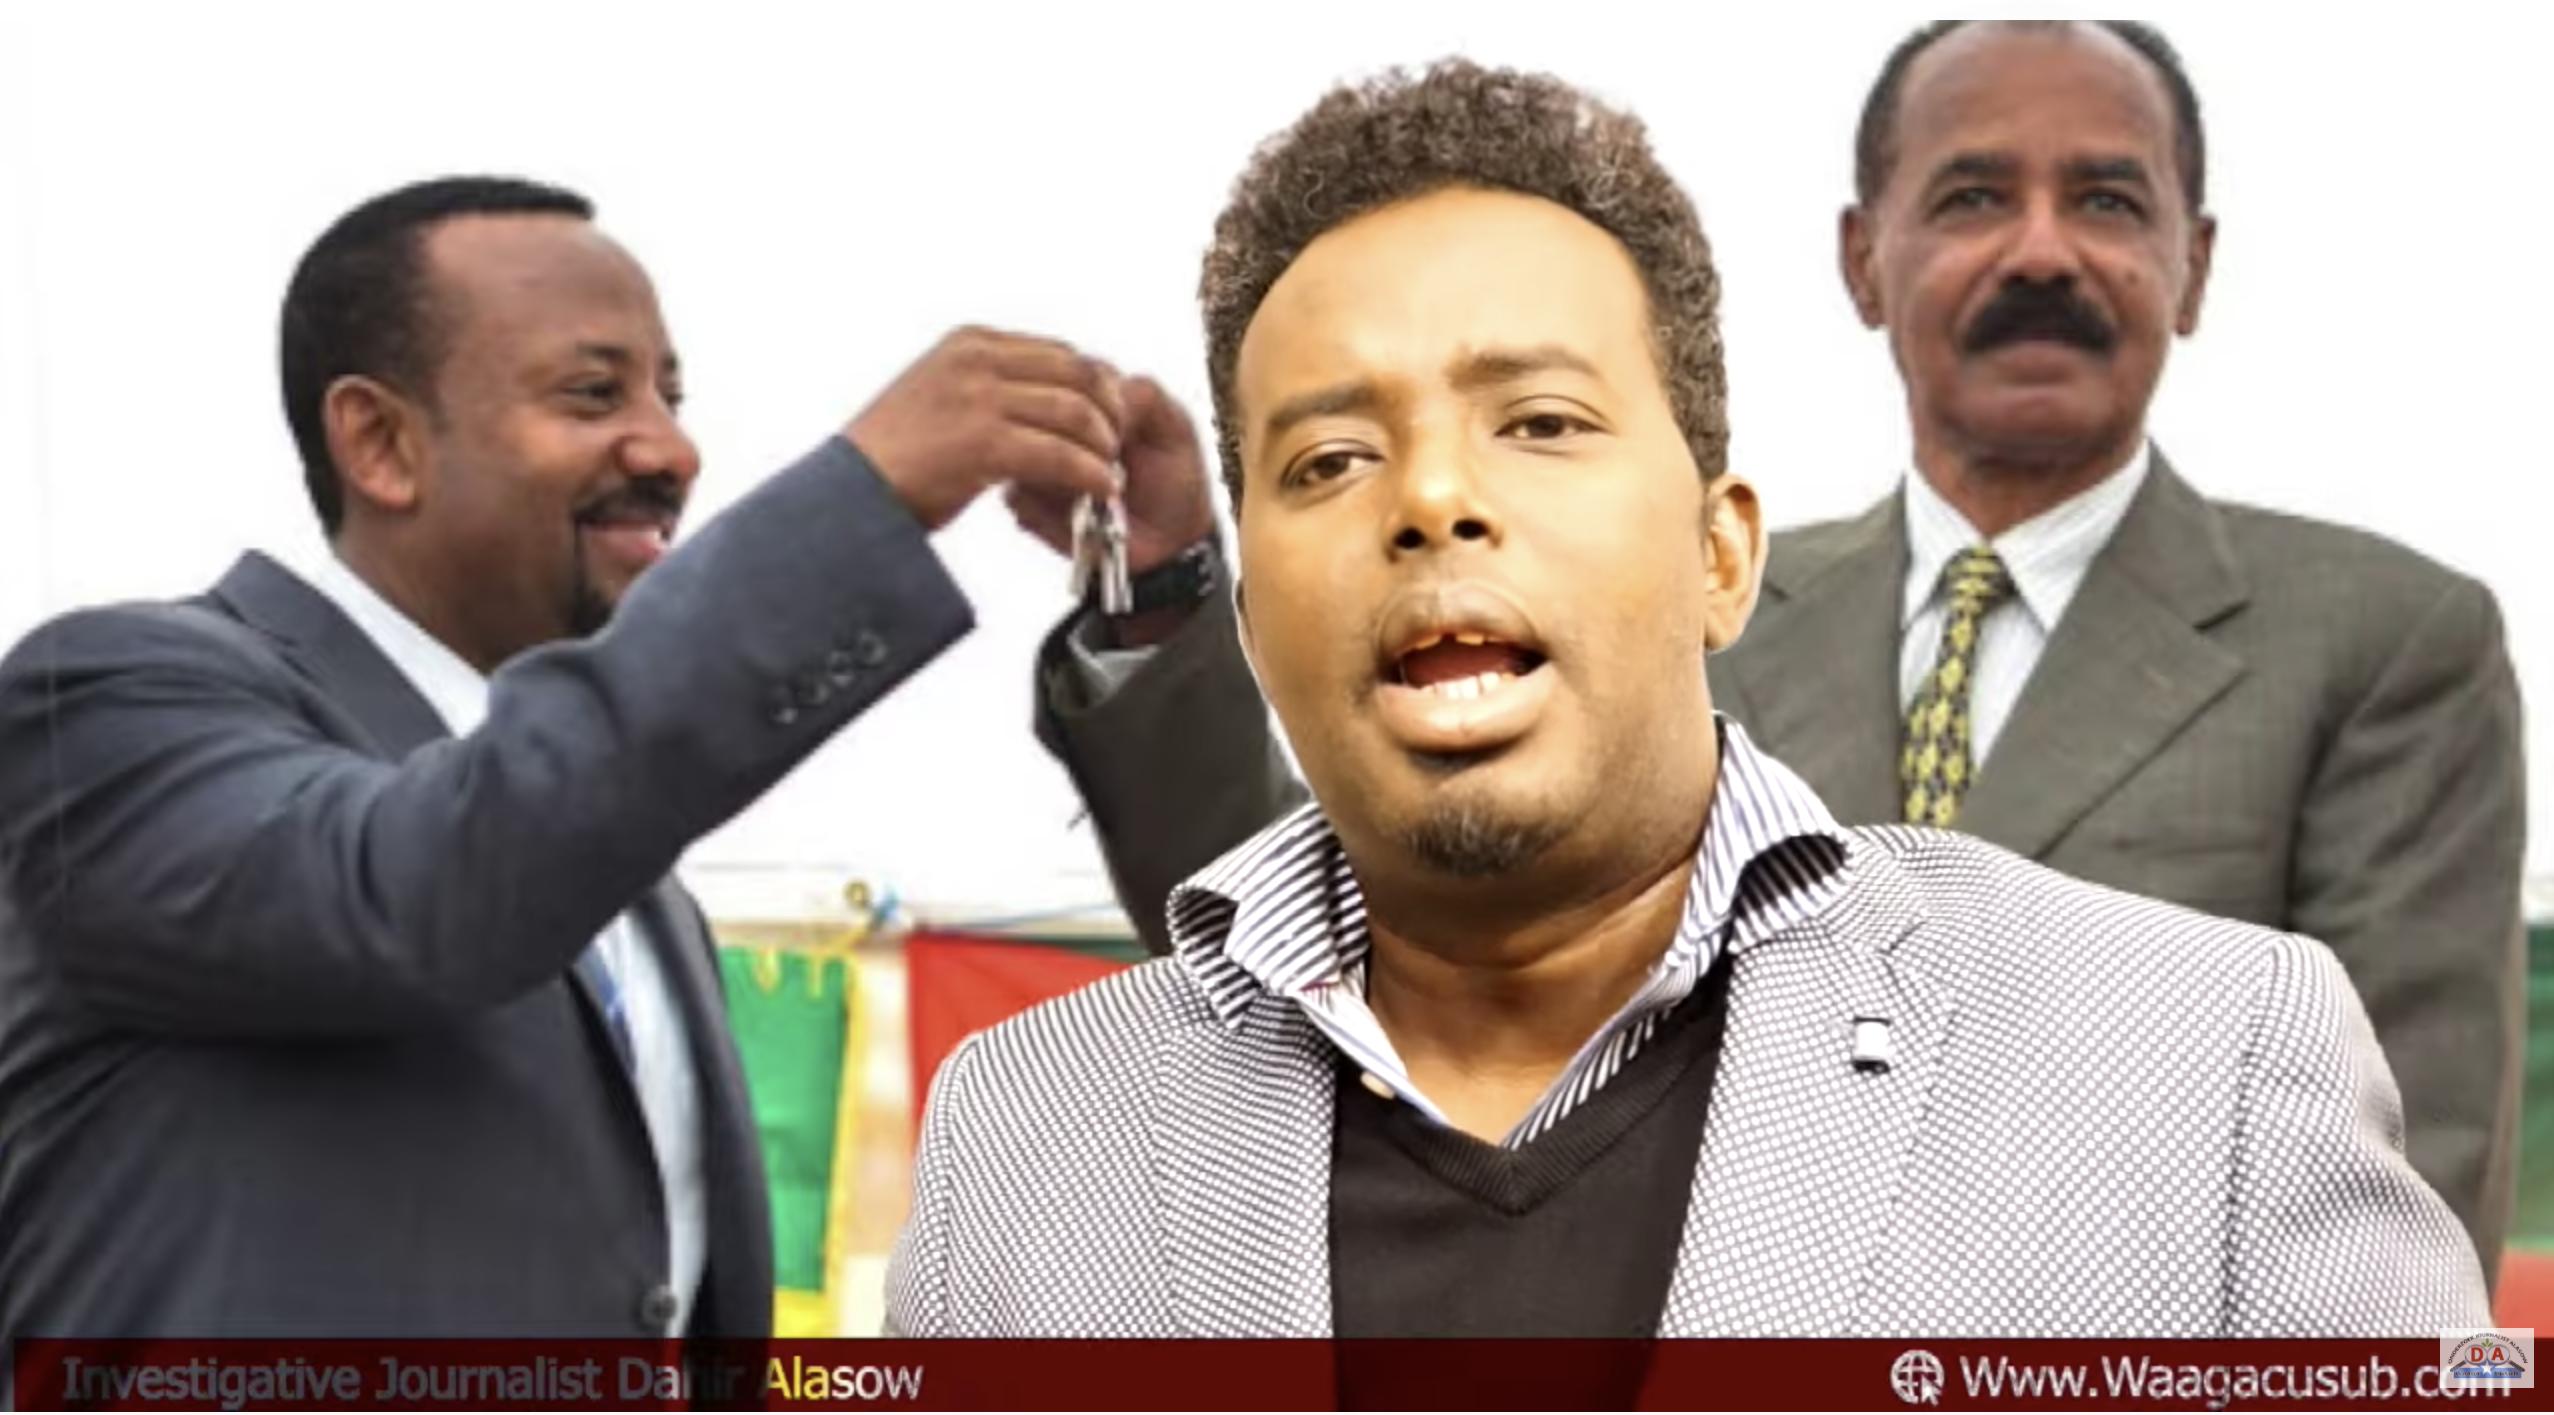 [DAAWO] Jabhada Eretria oo qabsatay magaalo muhiima iyo Colaada Ethiopia